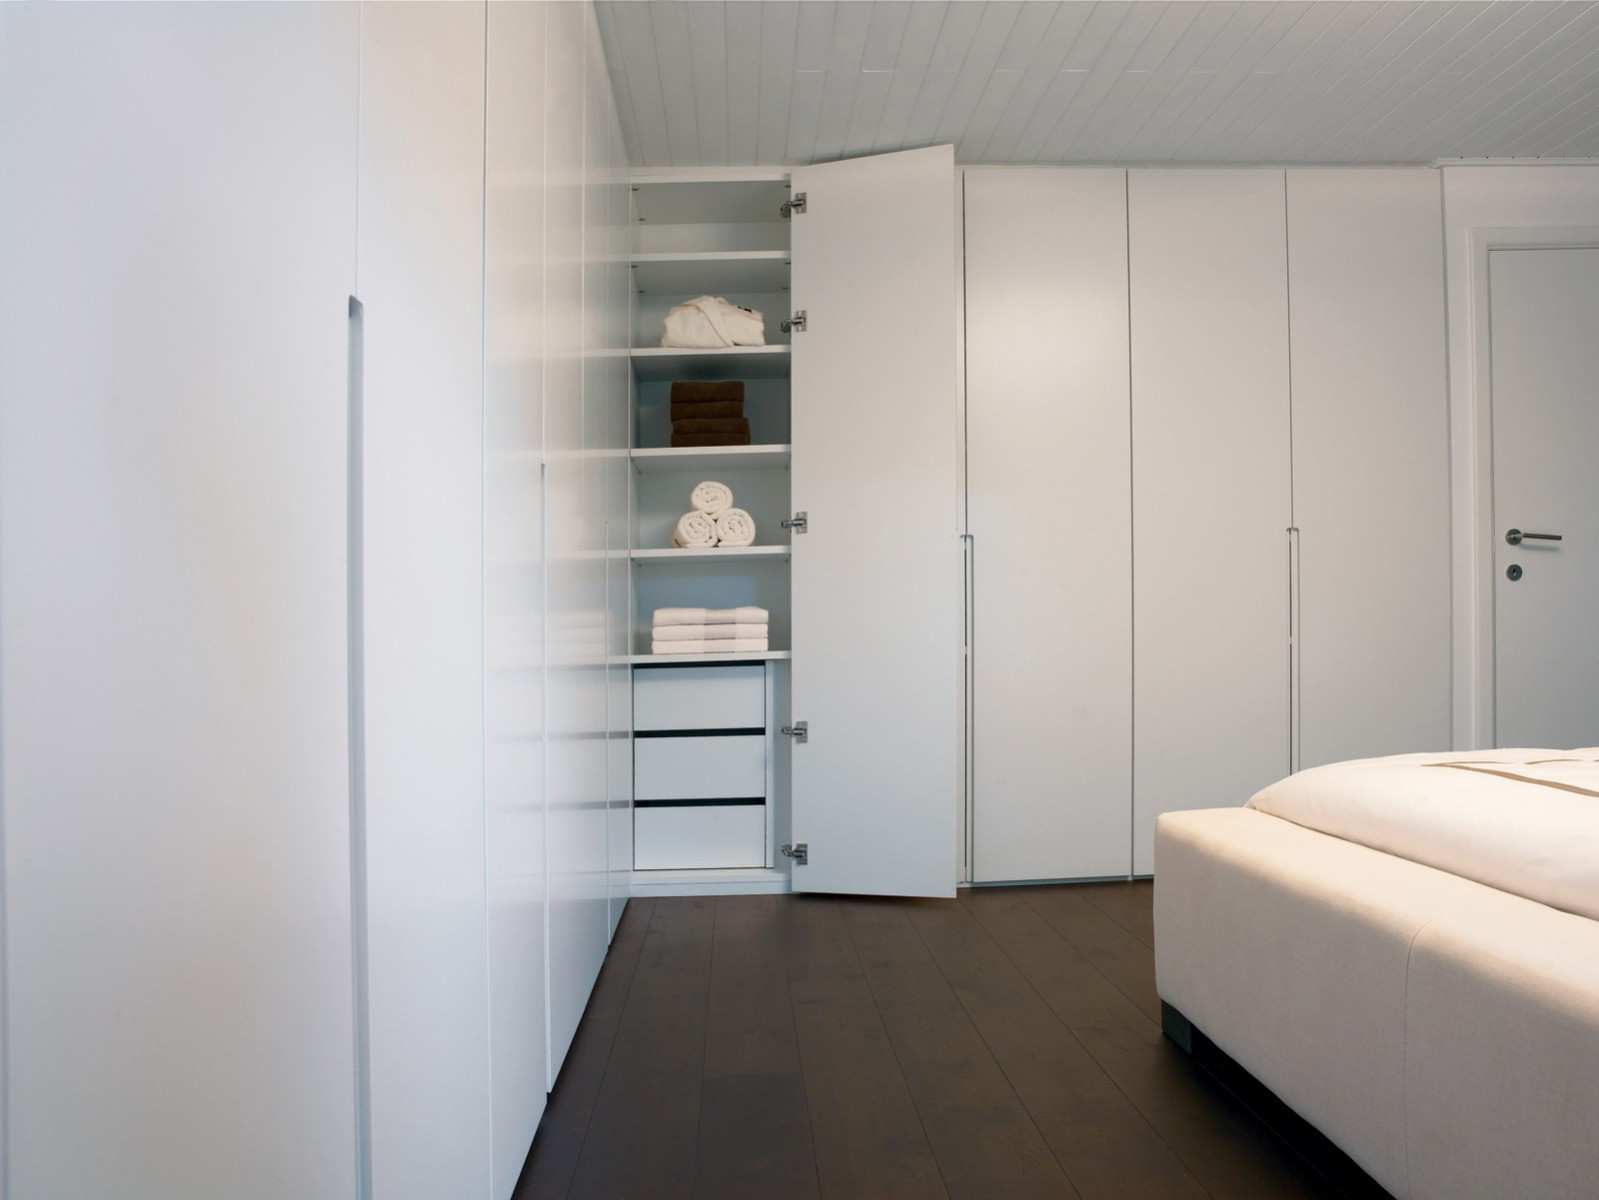 Armoire sur mesure dans chambre  u00e0 coucher  u203a Armoires, Mobilier, Dressings, Parois de s u00e9paration